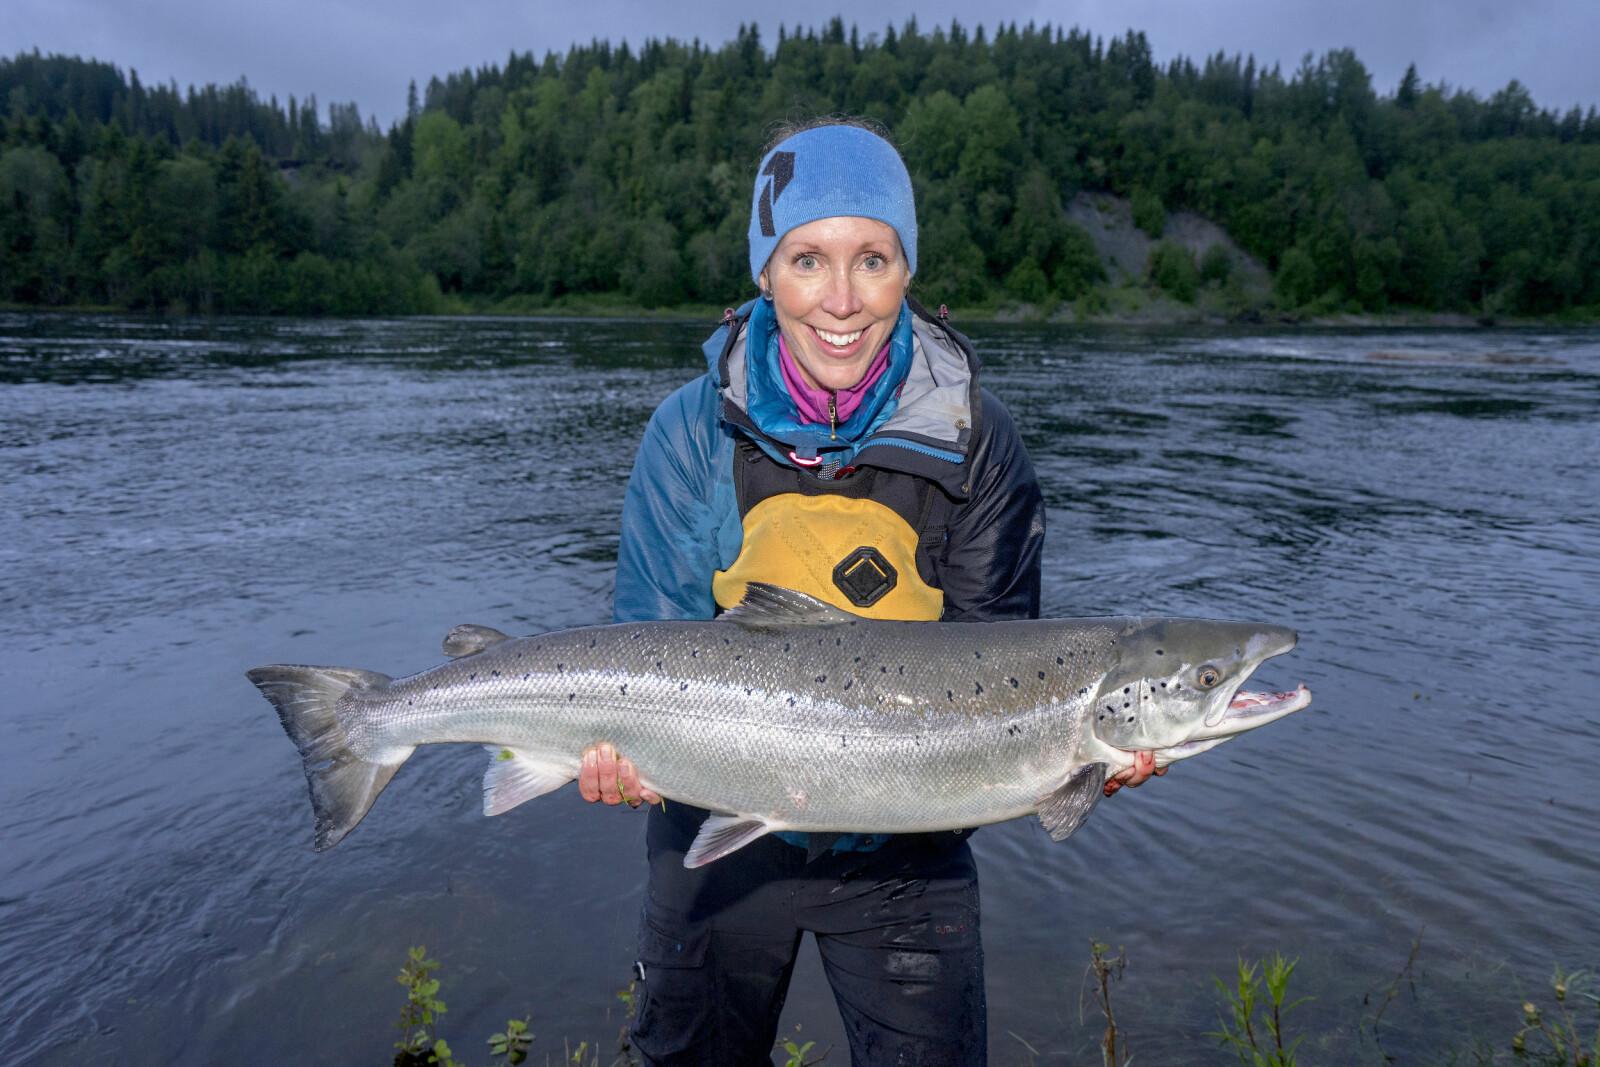 <b>FISKEGLEDE:</b> Anne Karen viser stolt fram sin aller første villaks på 7.9 kg – tatt under harlingfiske i Sanddøla.